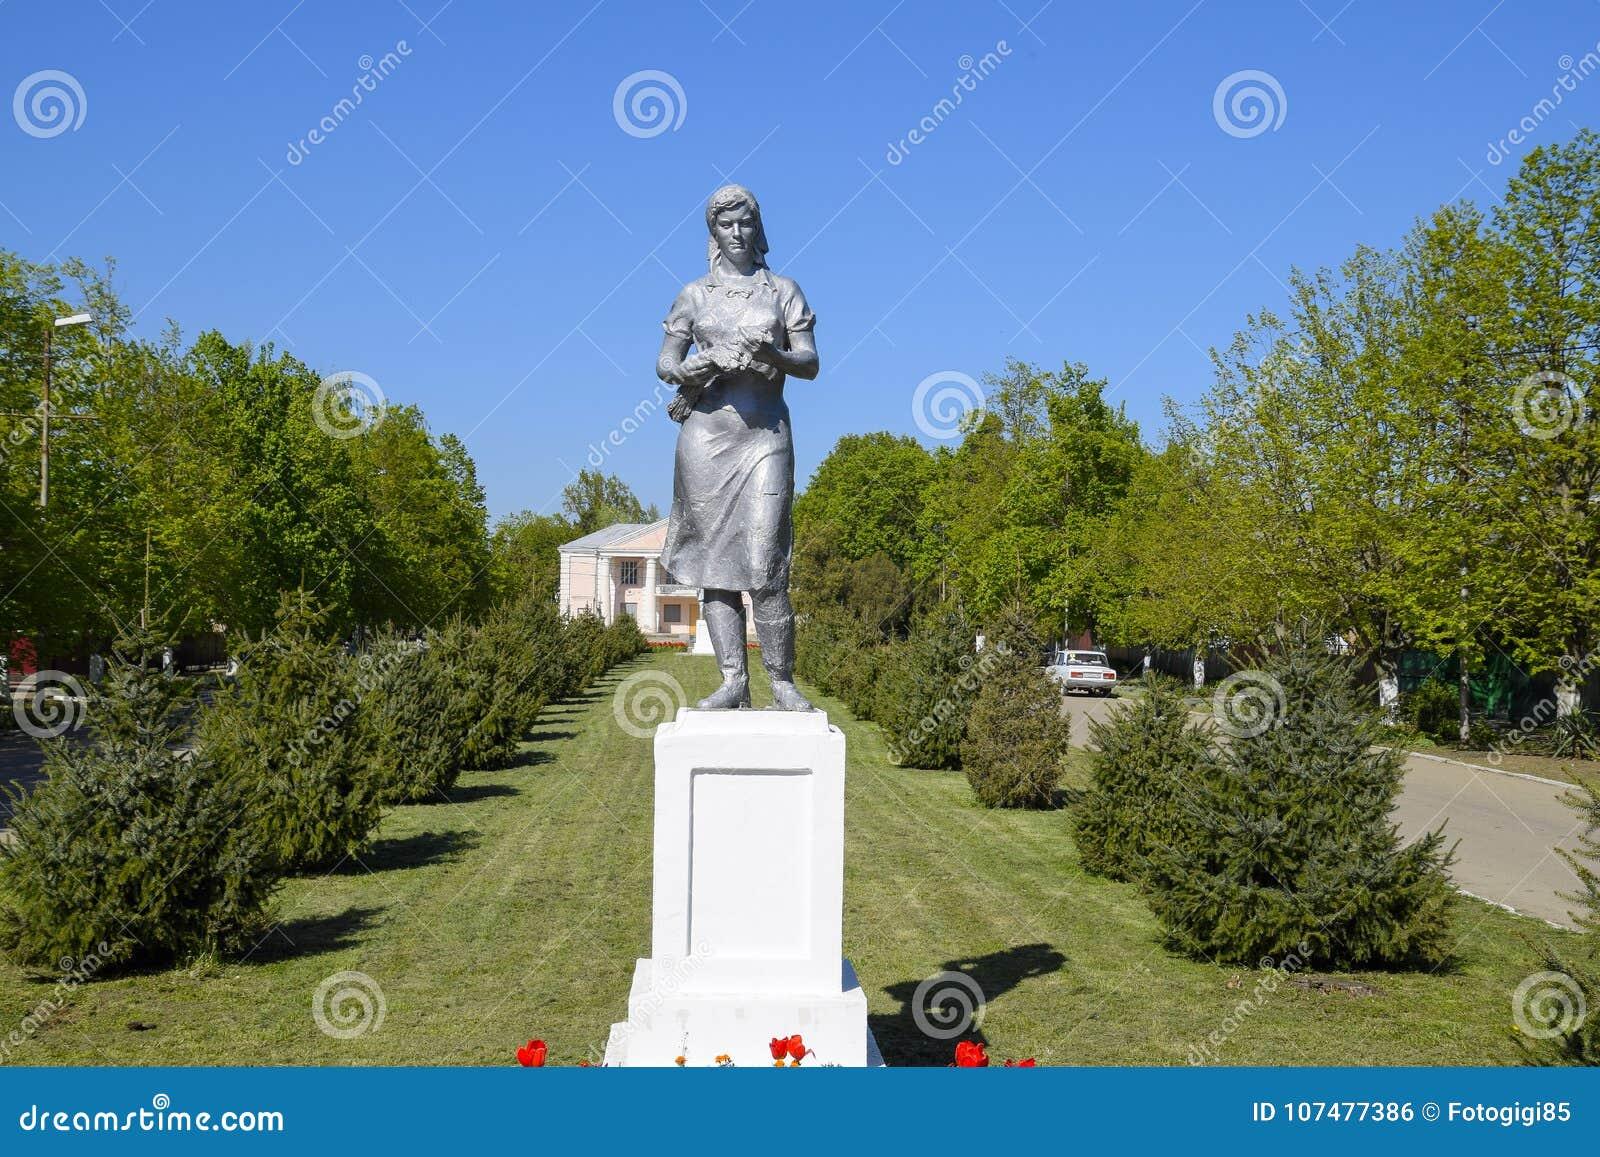 Staty av en kollektiv bonde på en sockel Legaten av den sovjetiska eran En rabatt med tulpan och barnträd in